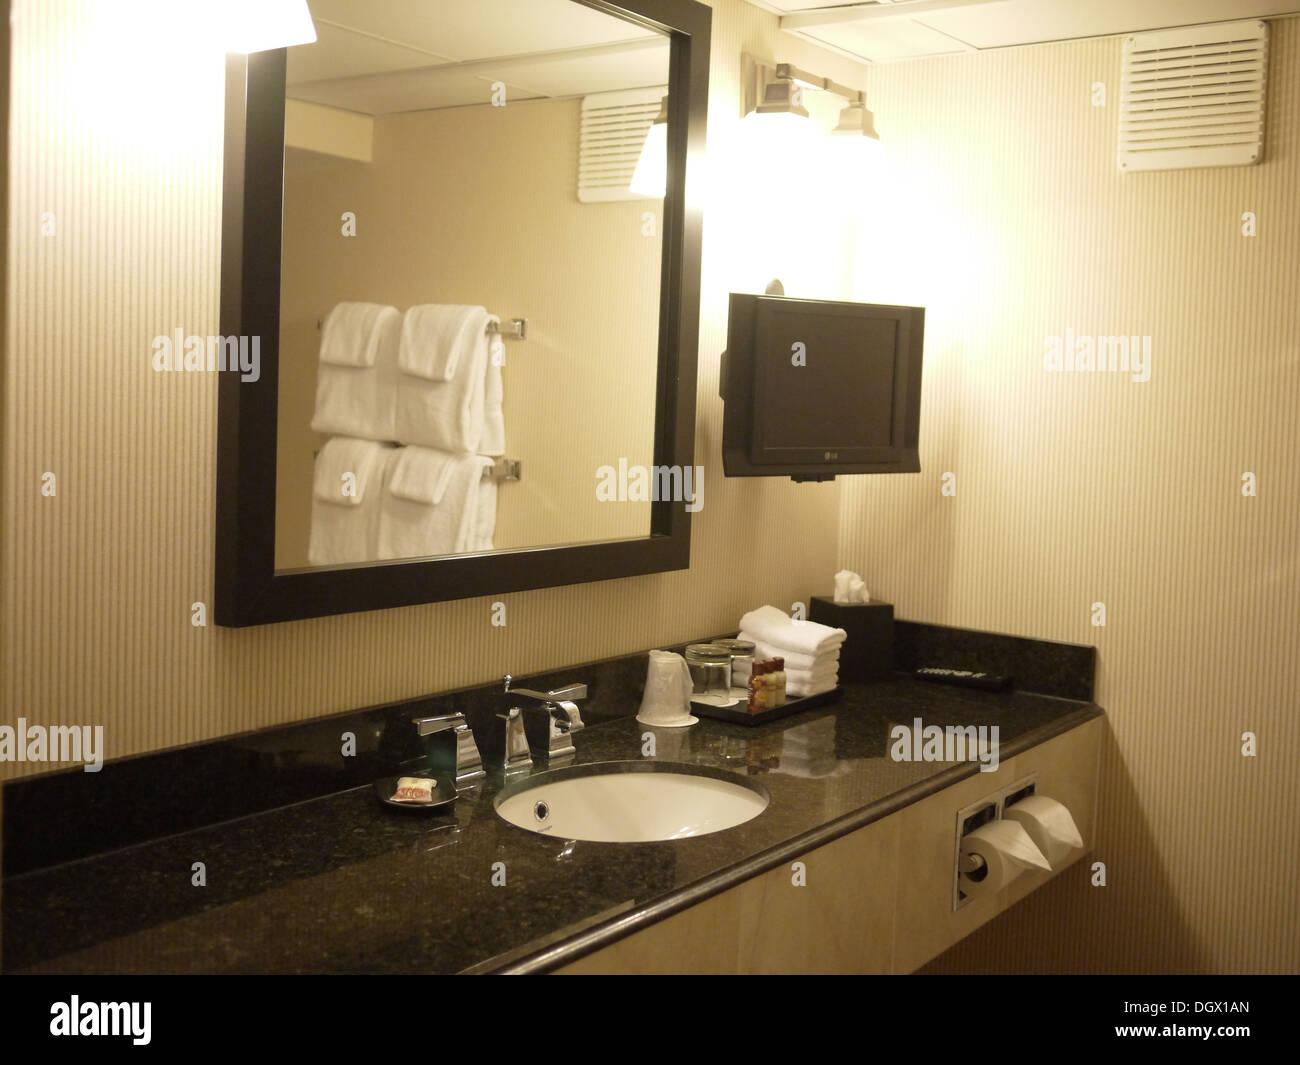 Hotel bathroom mirrors - Stock Photo Hotel Bathroom Mirror Facade